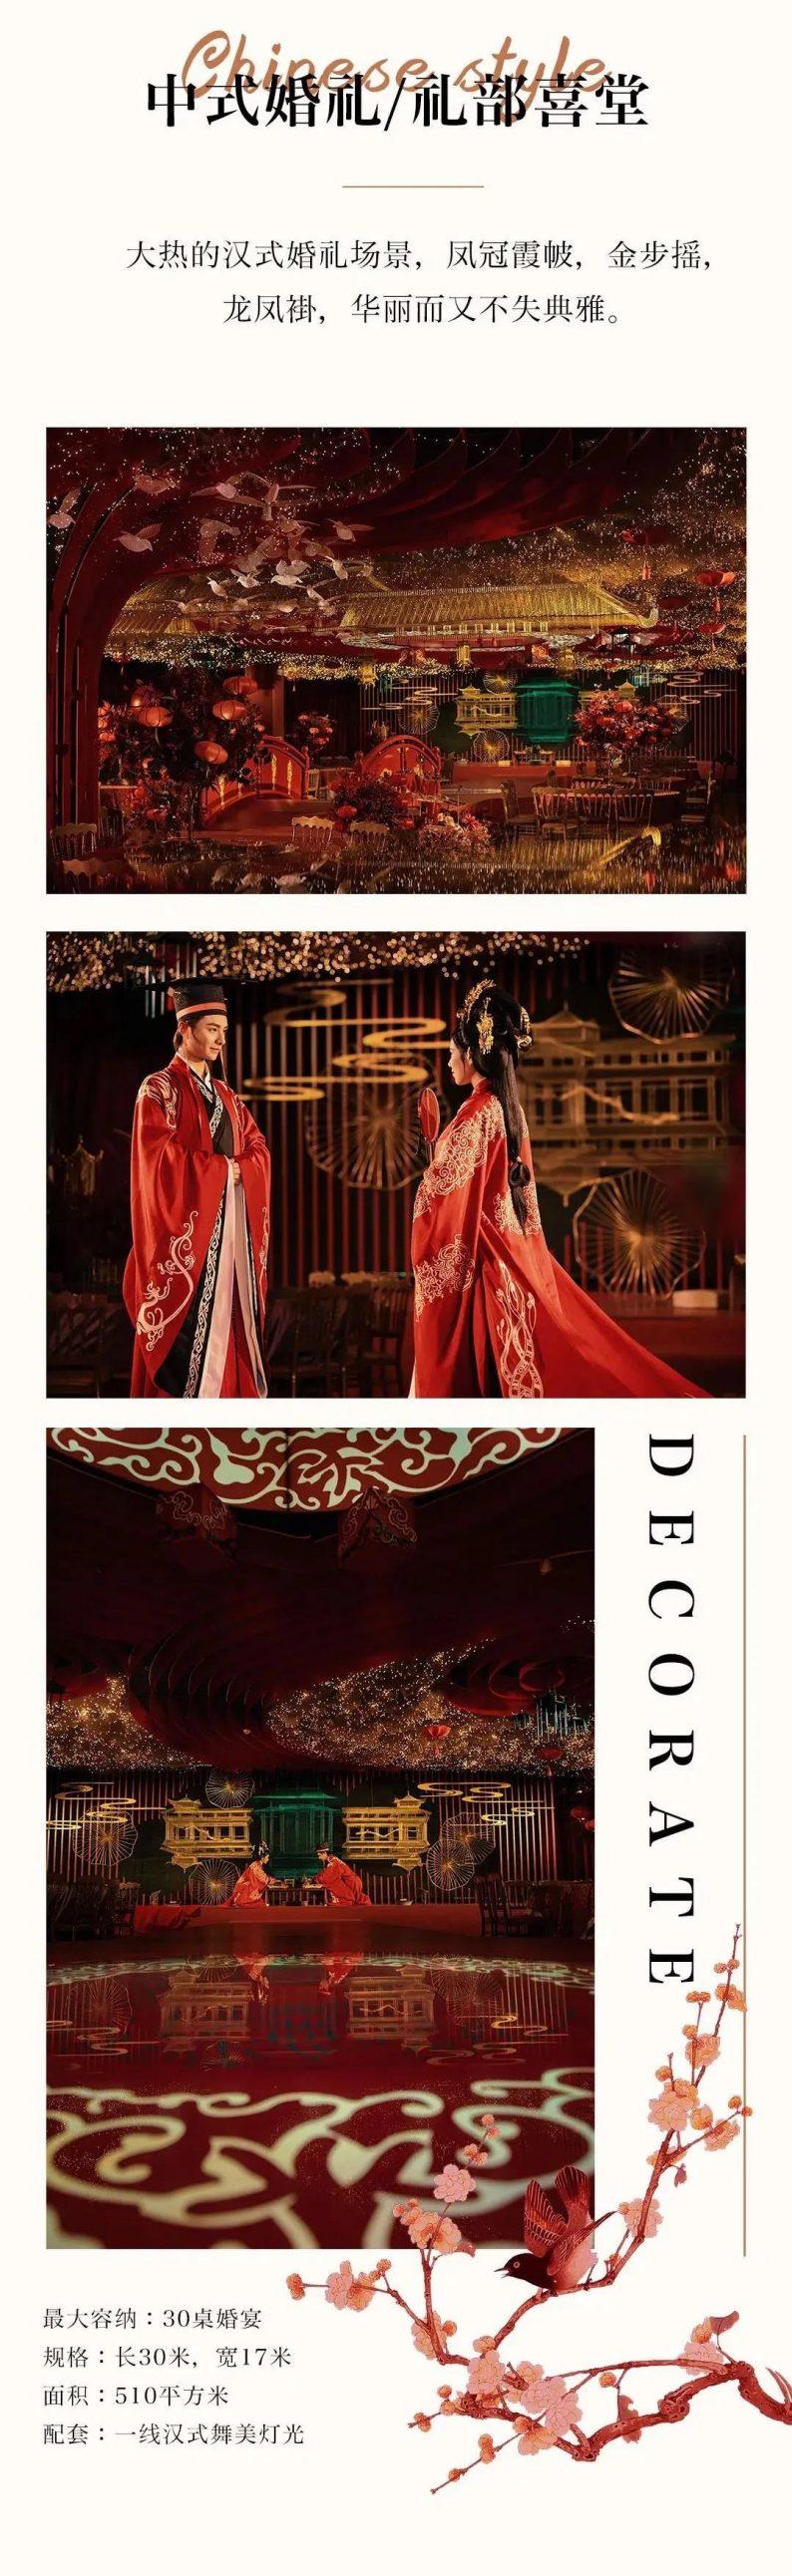 婚礼堂发布:总面积近4000平!福州大型主题婚宴酒楼  第5张